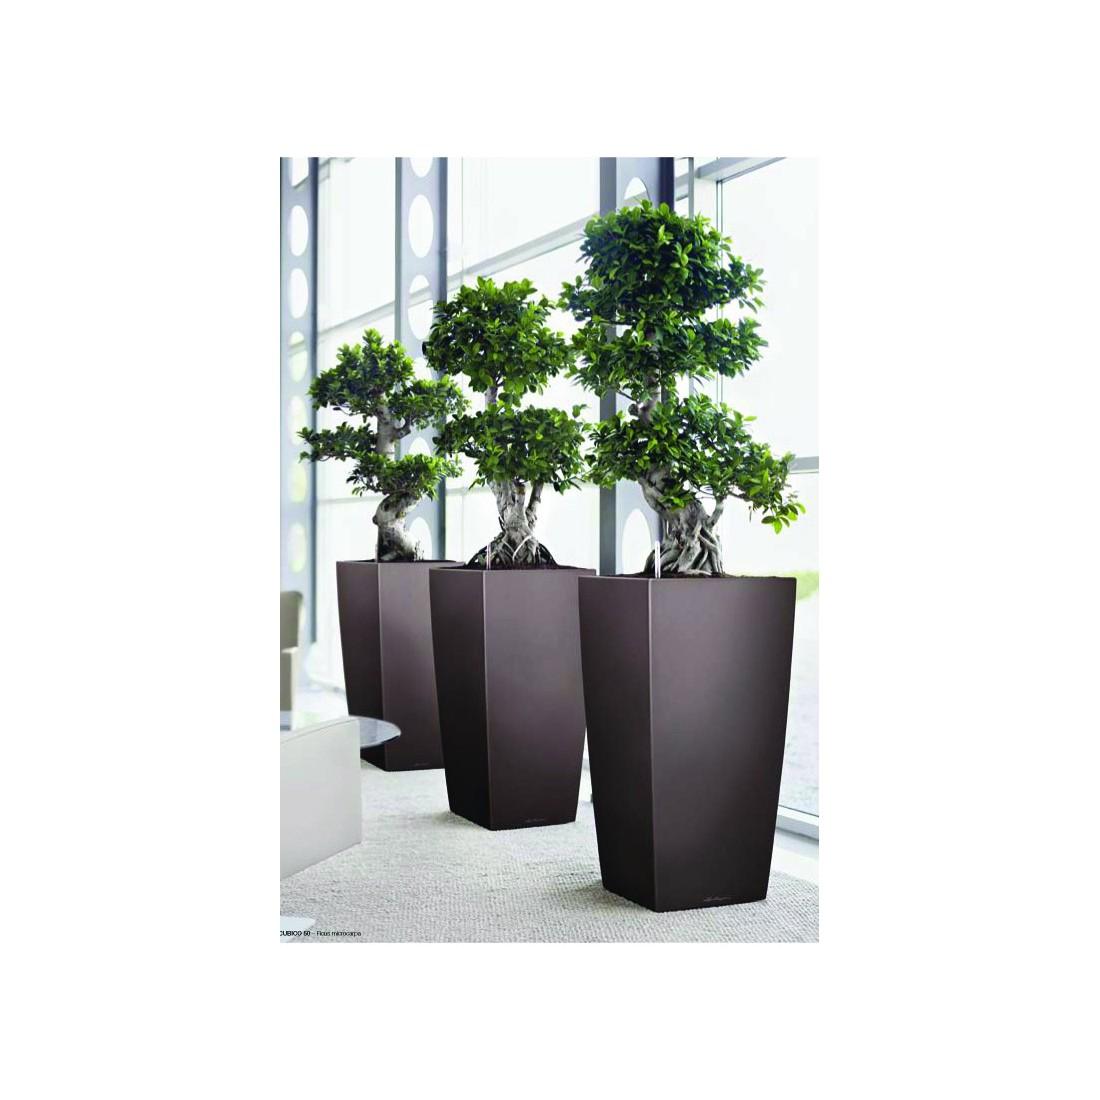 lechuza cubico 30 hteur 56cm pots hauts artificielles reflets nature lyon. Black Bedroom Furniture Sets. Home Design Ideas